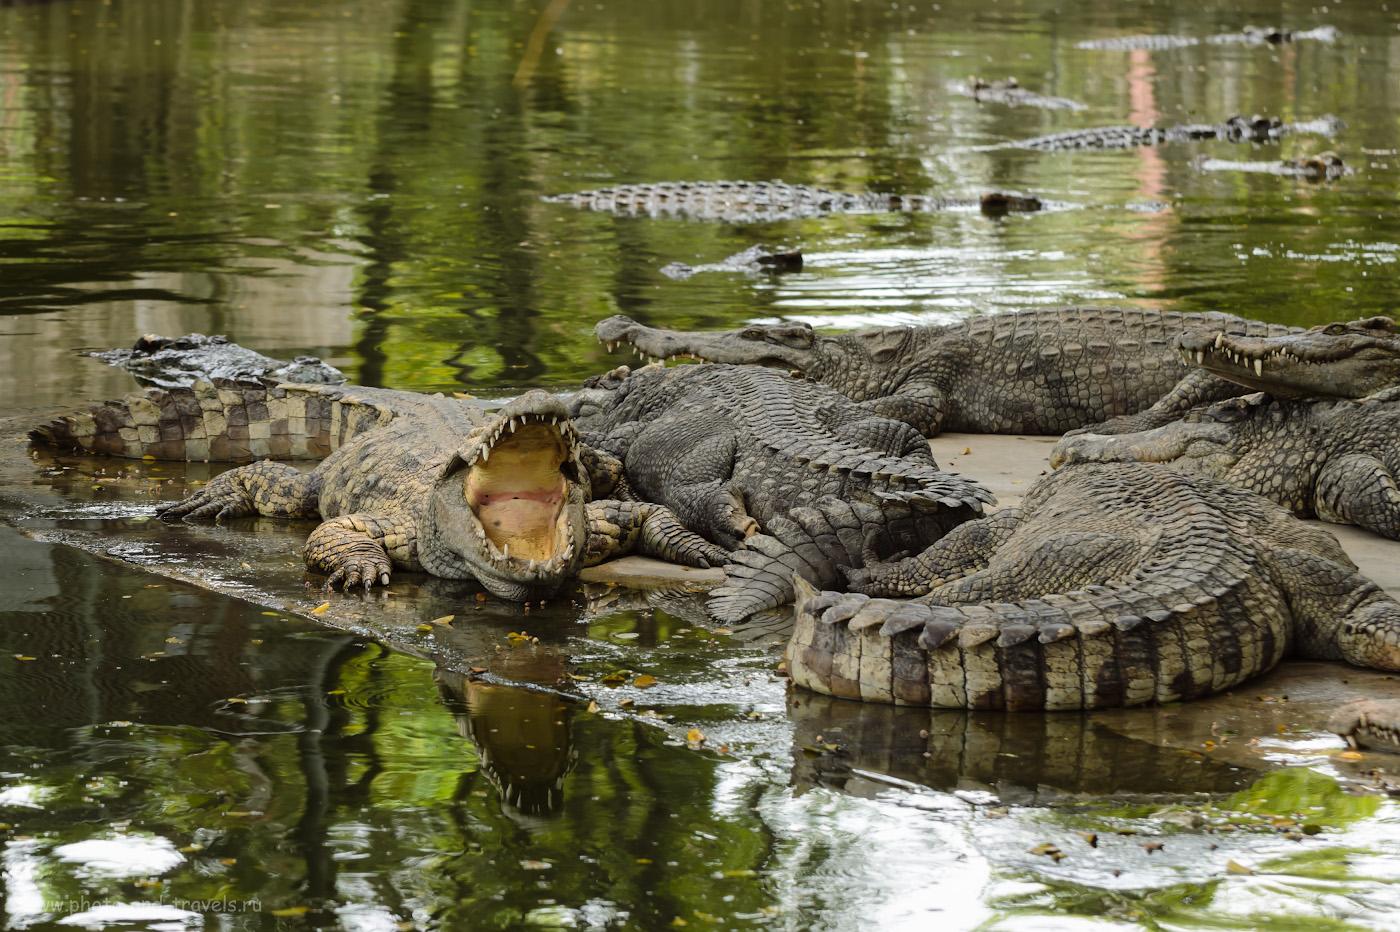 """Фото 13. Как посмотреть крокодилов в парке """"The million years stone park & pattaya crocodile farm"""". Отчет о путешествии в Таиланд. Чем заняться в Паттайе. 1/200, 5.6, 320, 110."""